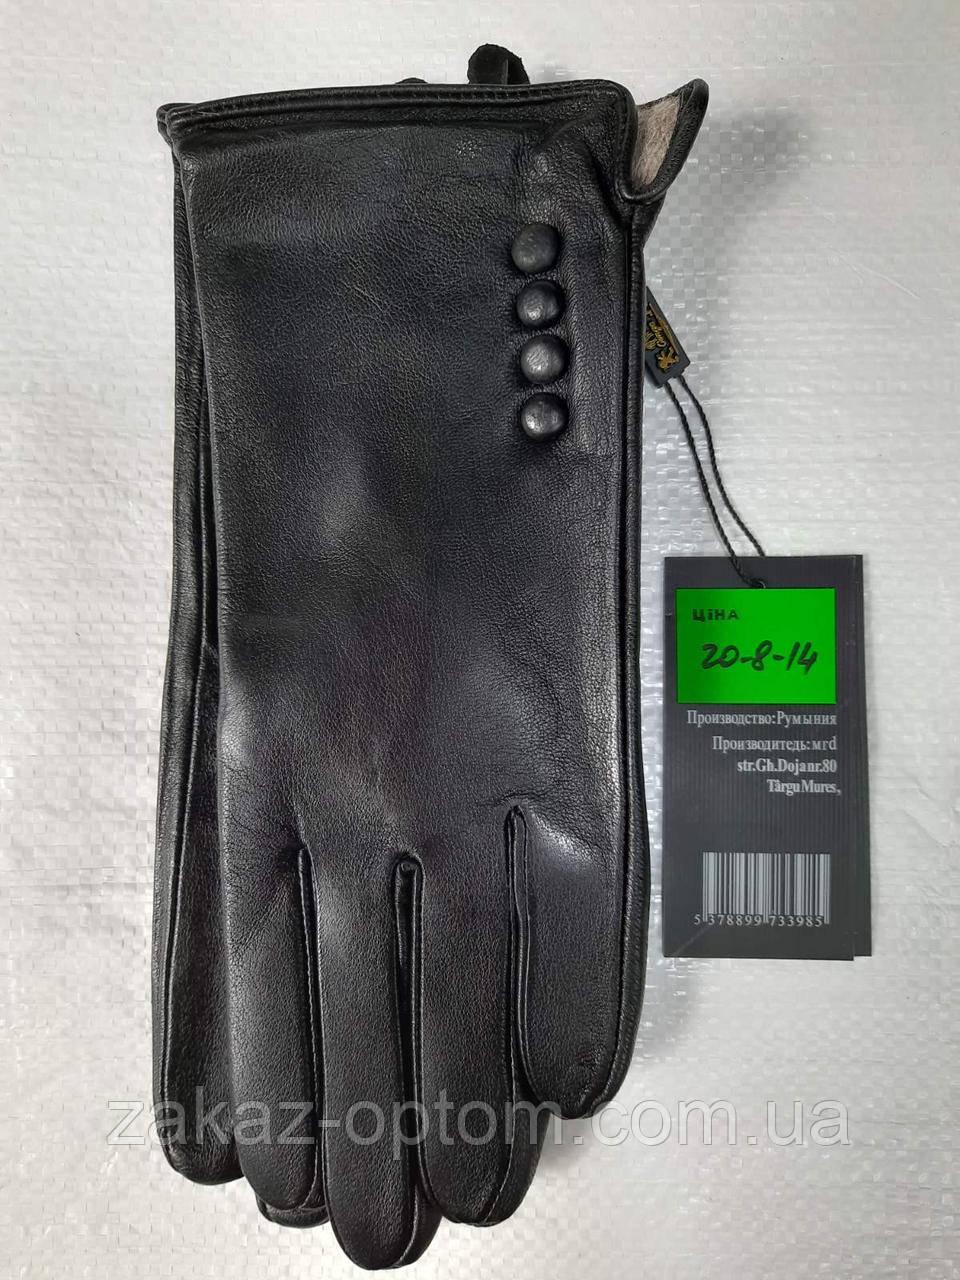 Перчатки женские кожа оптом внутри шерсть(6,5-8,5)Румыния20-8-14 -63192